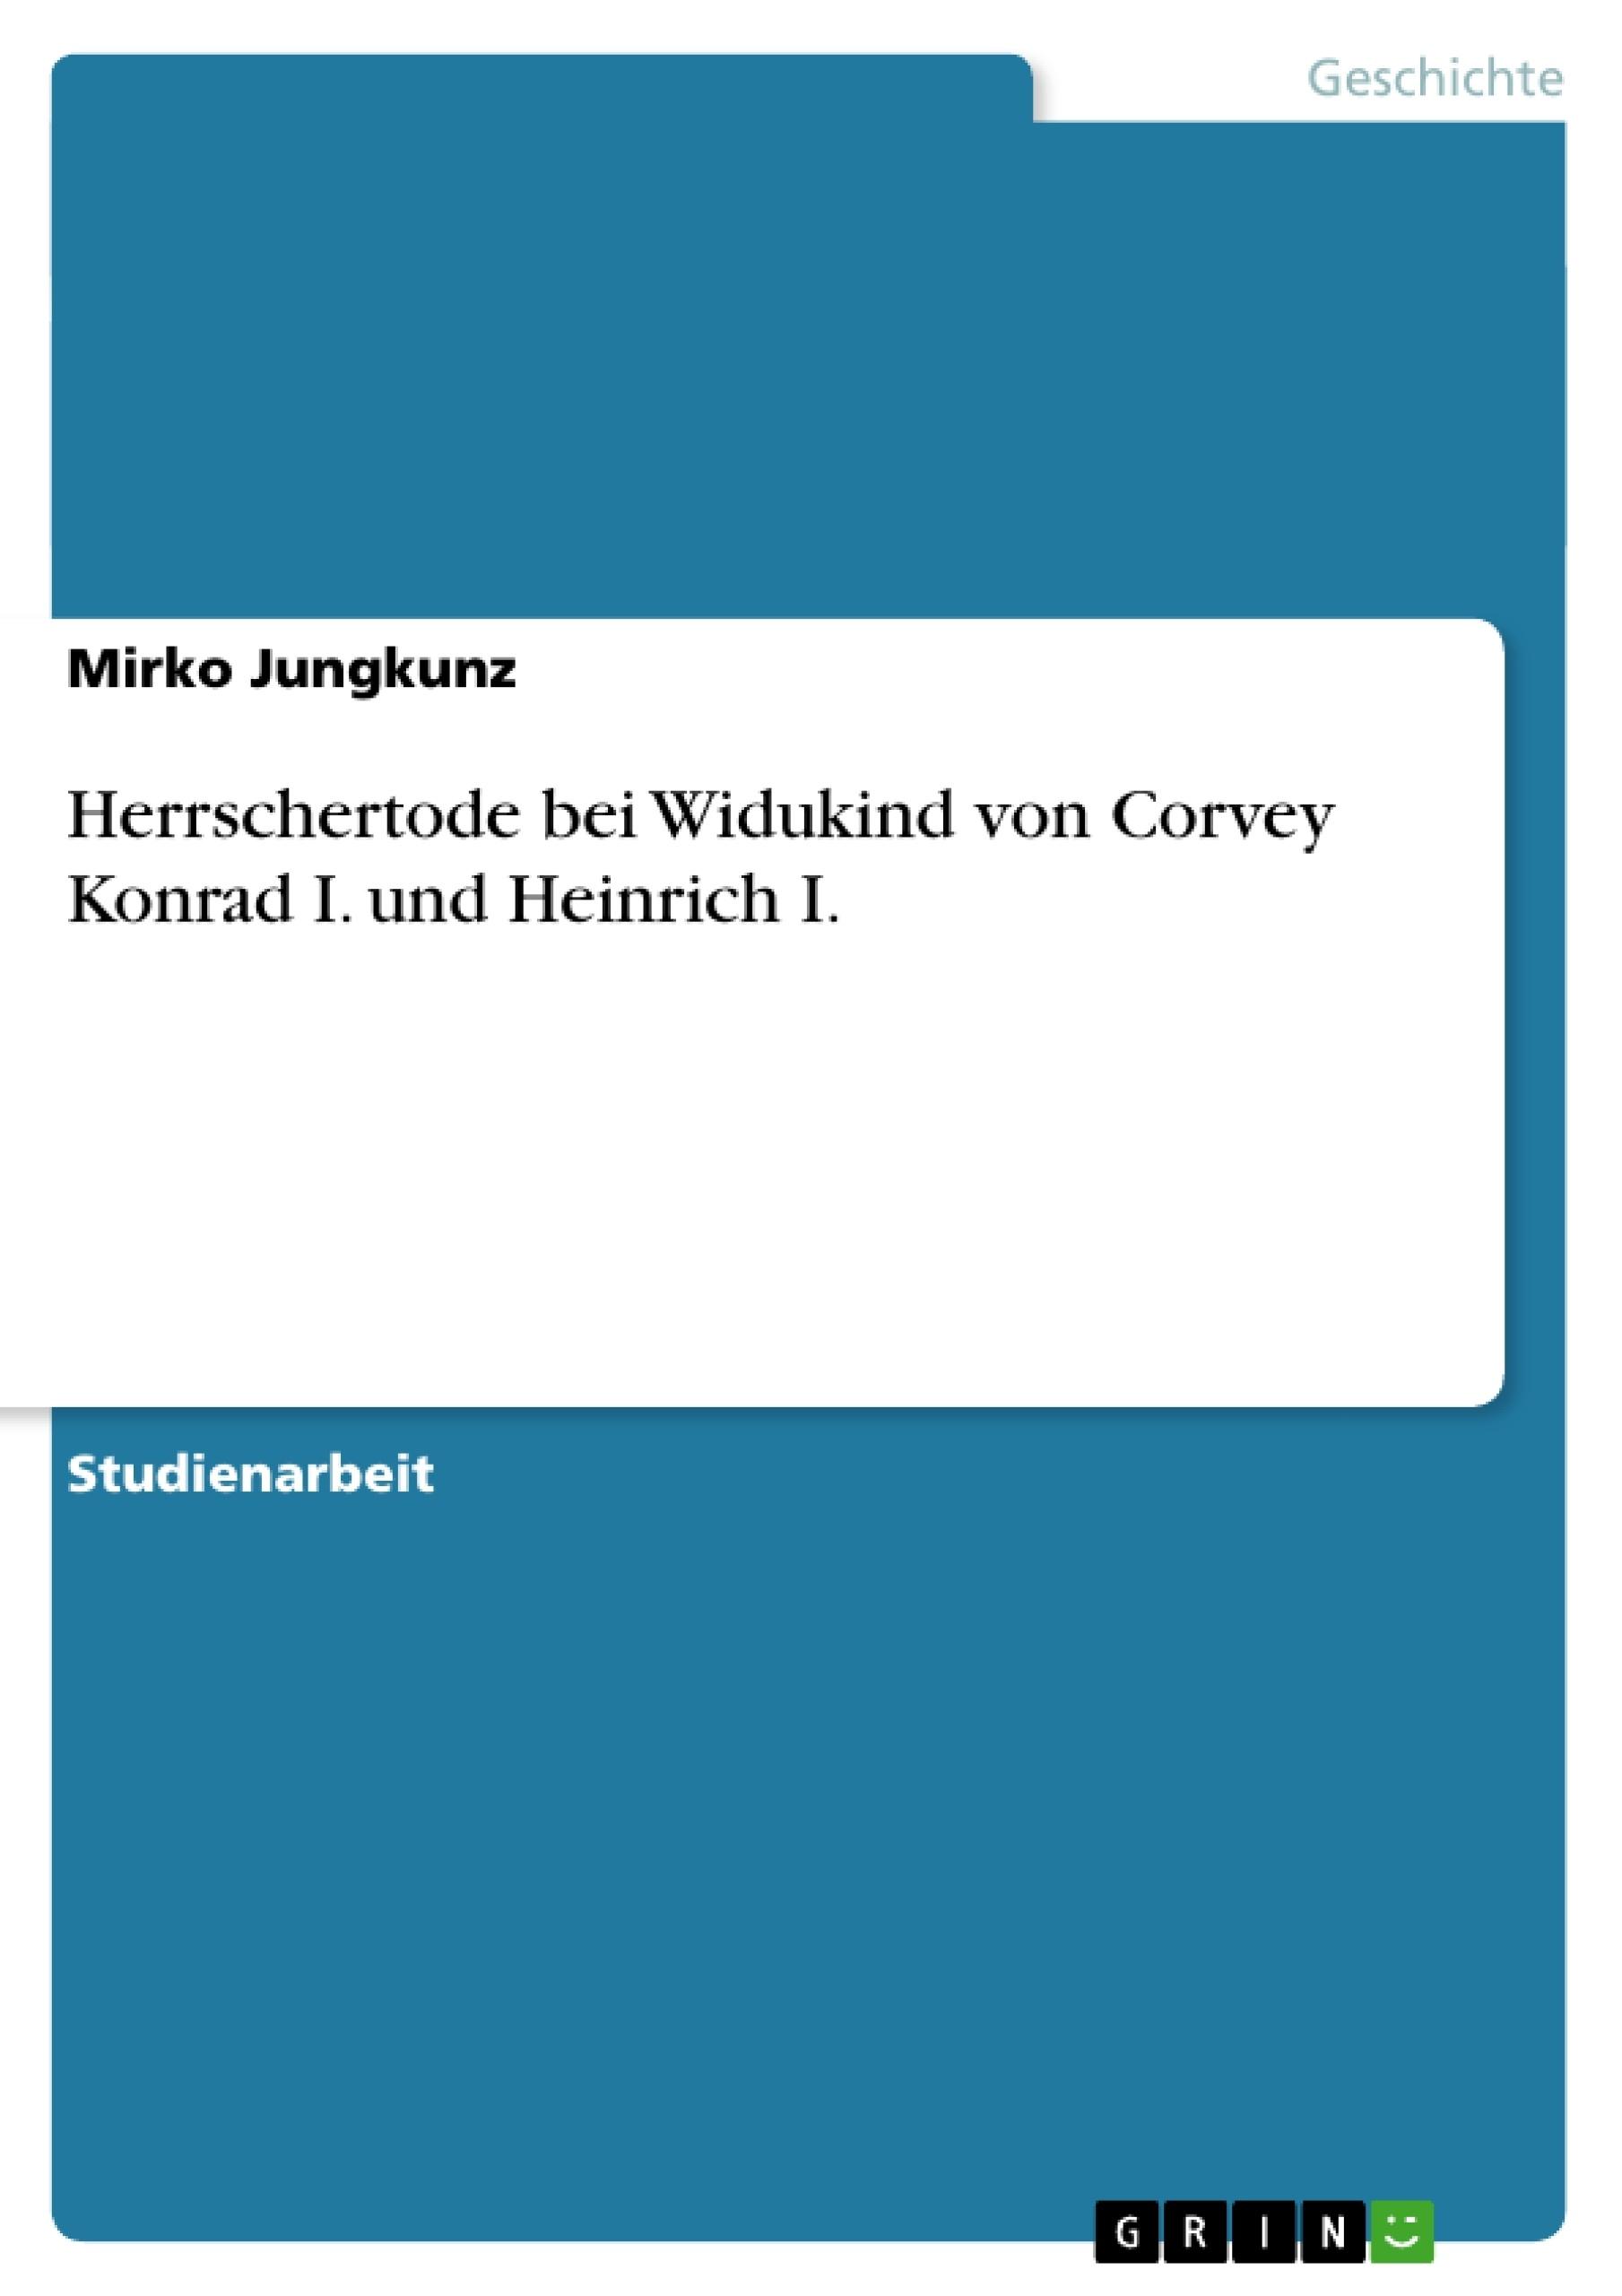 Titel: Herrschertode bei Widukind von Corvey  Konrad I. und Heinrich I.